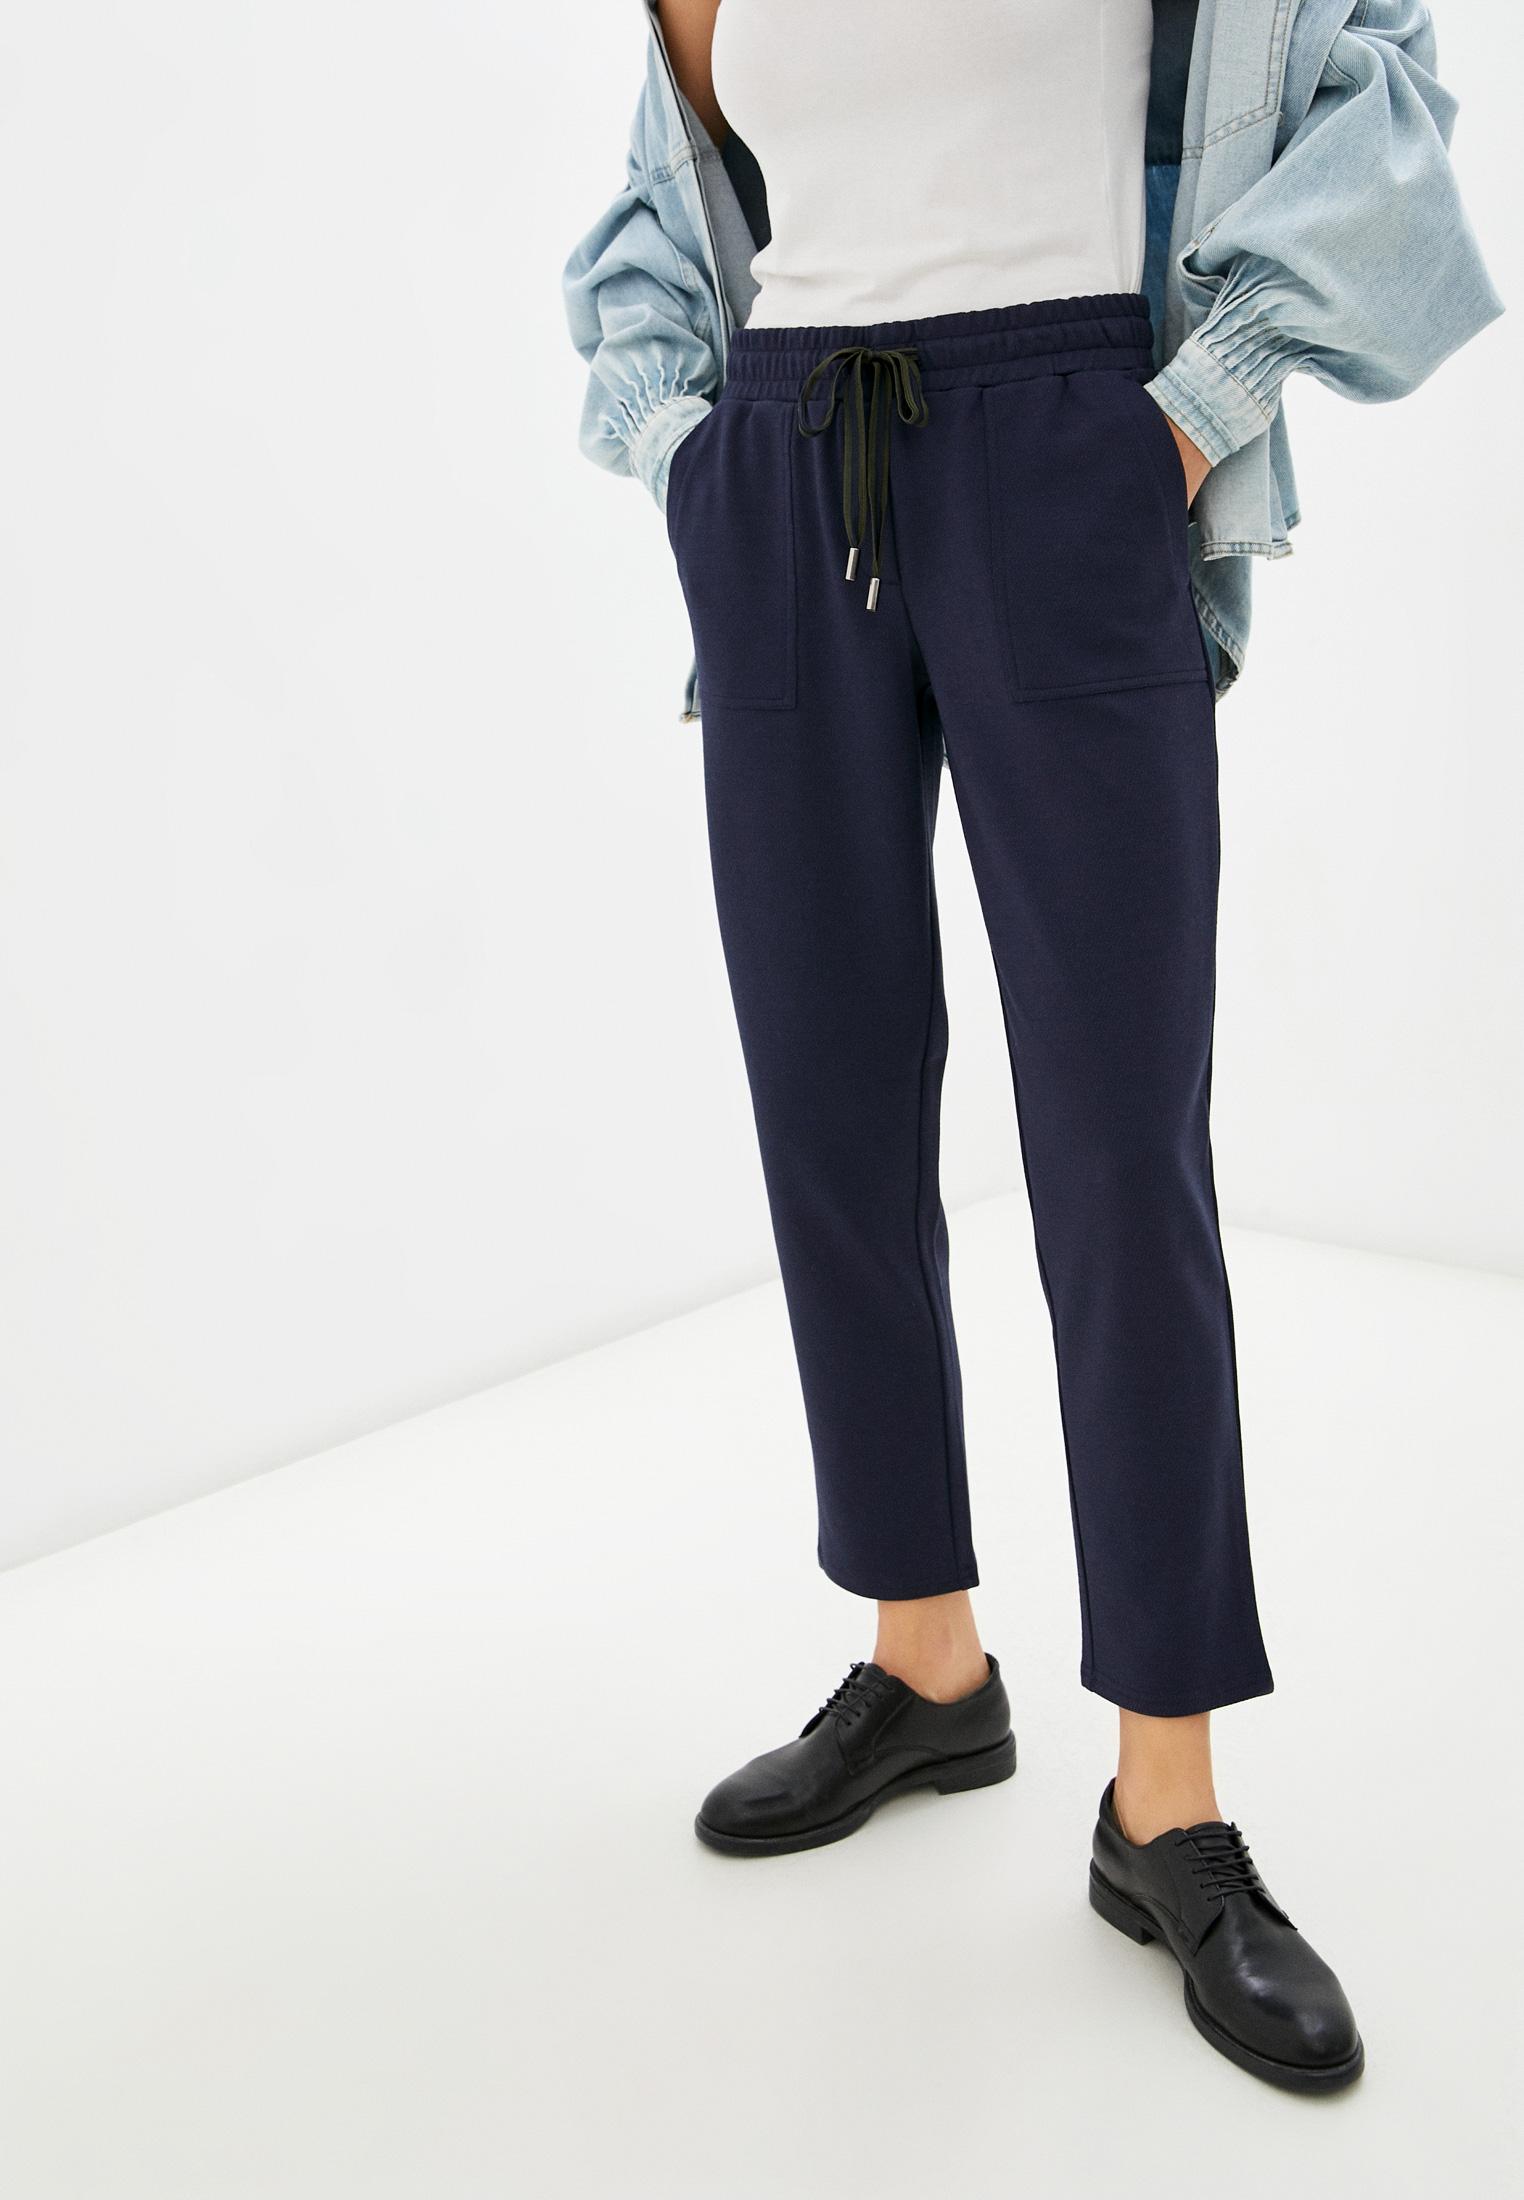 Женские спортивные брюки Betty & Co Брюки спортивные Betty & Co